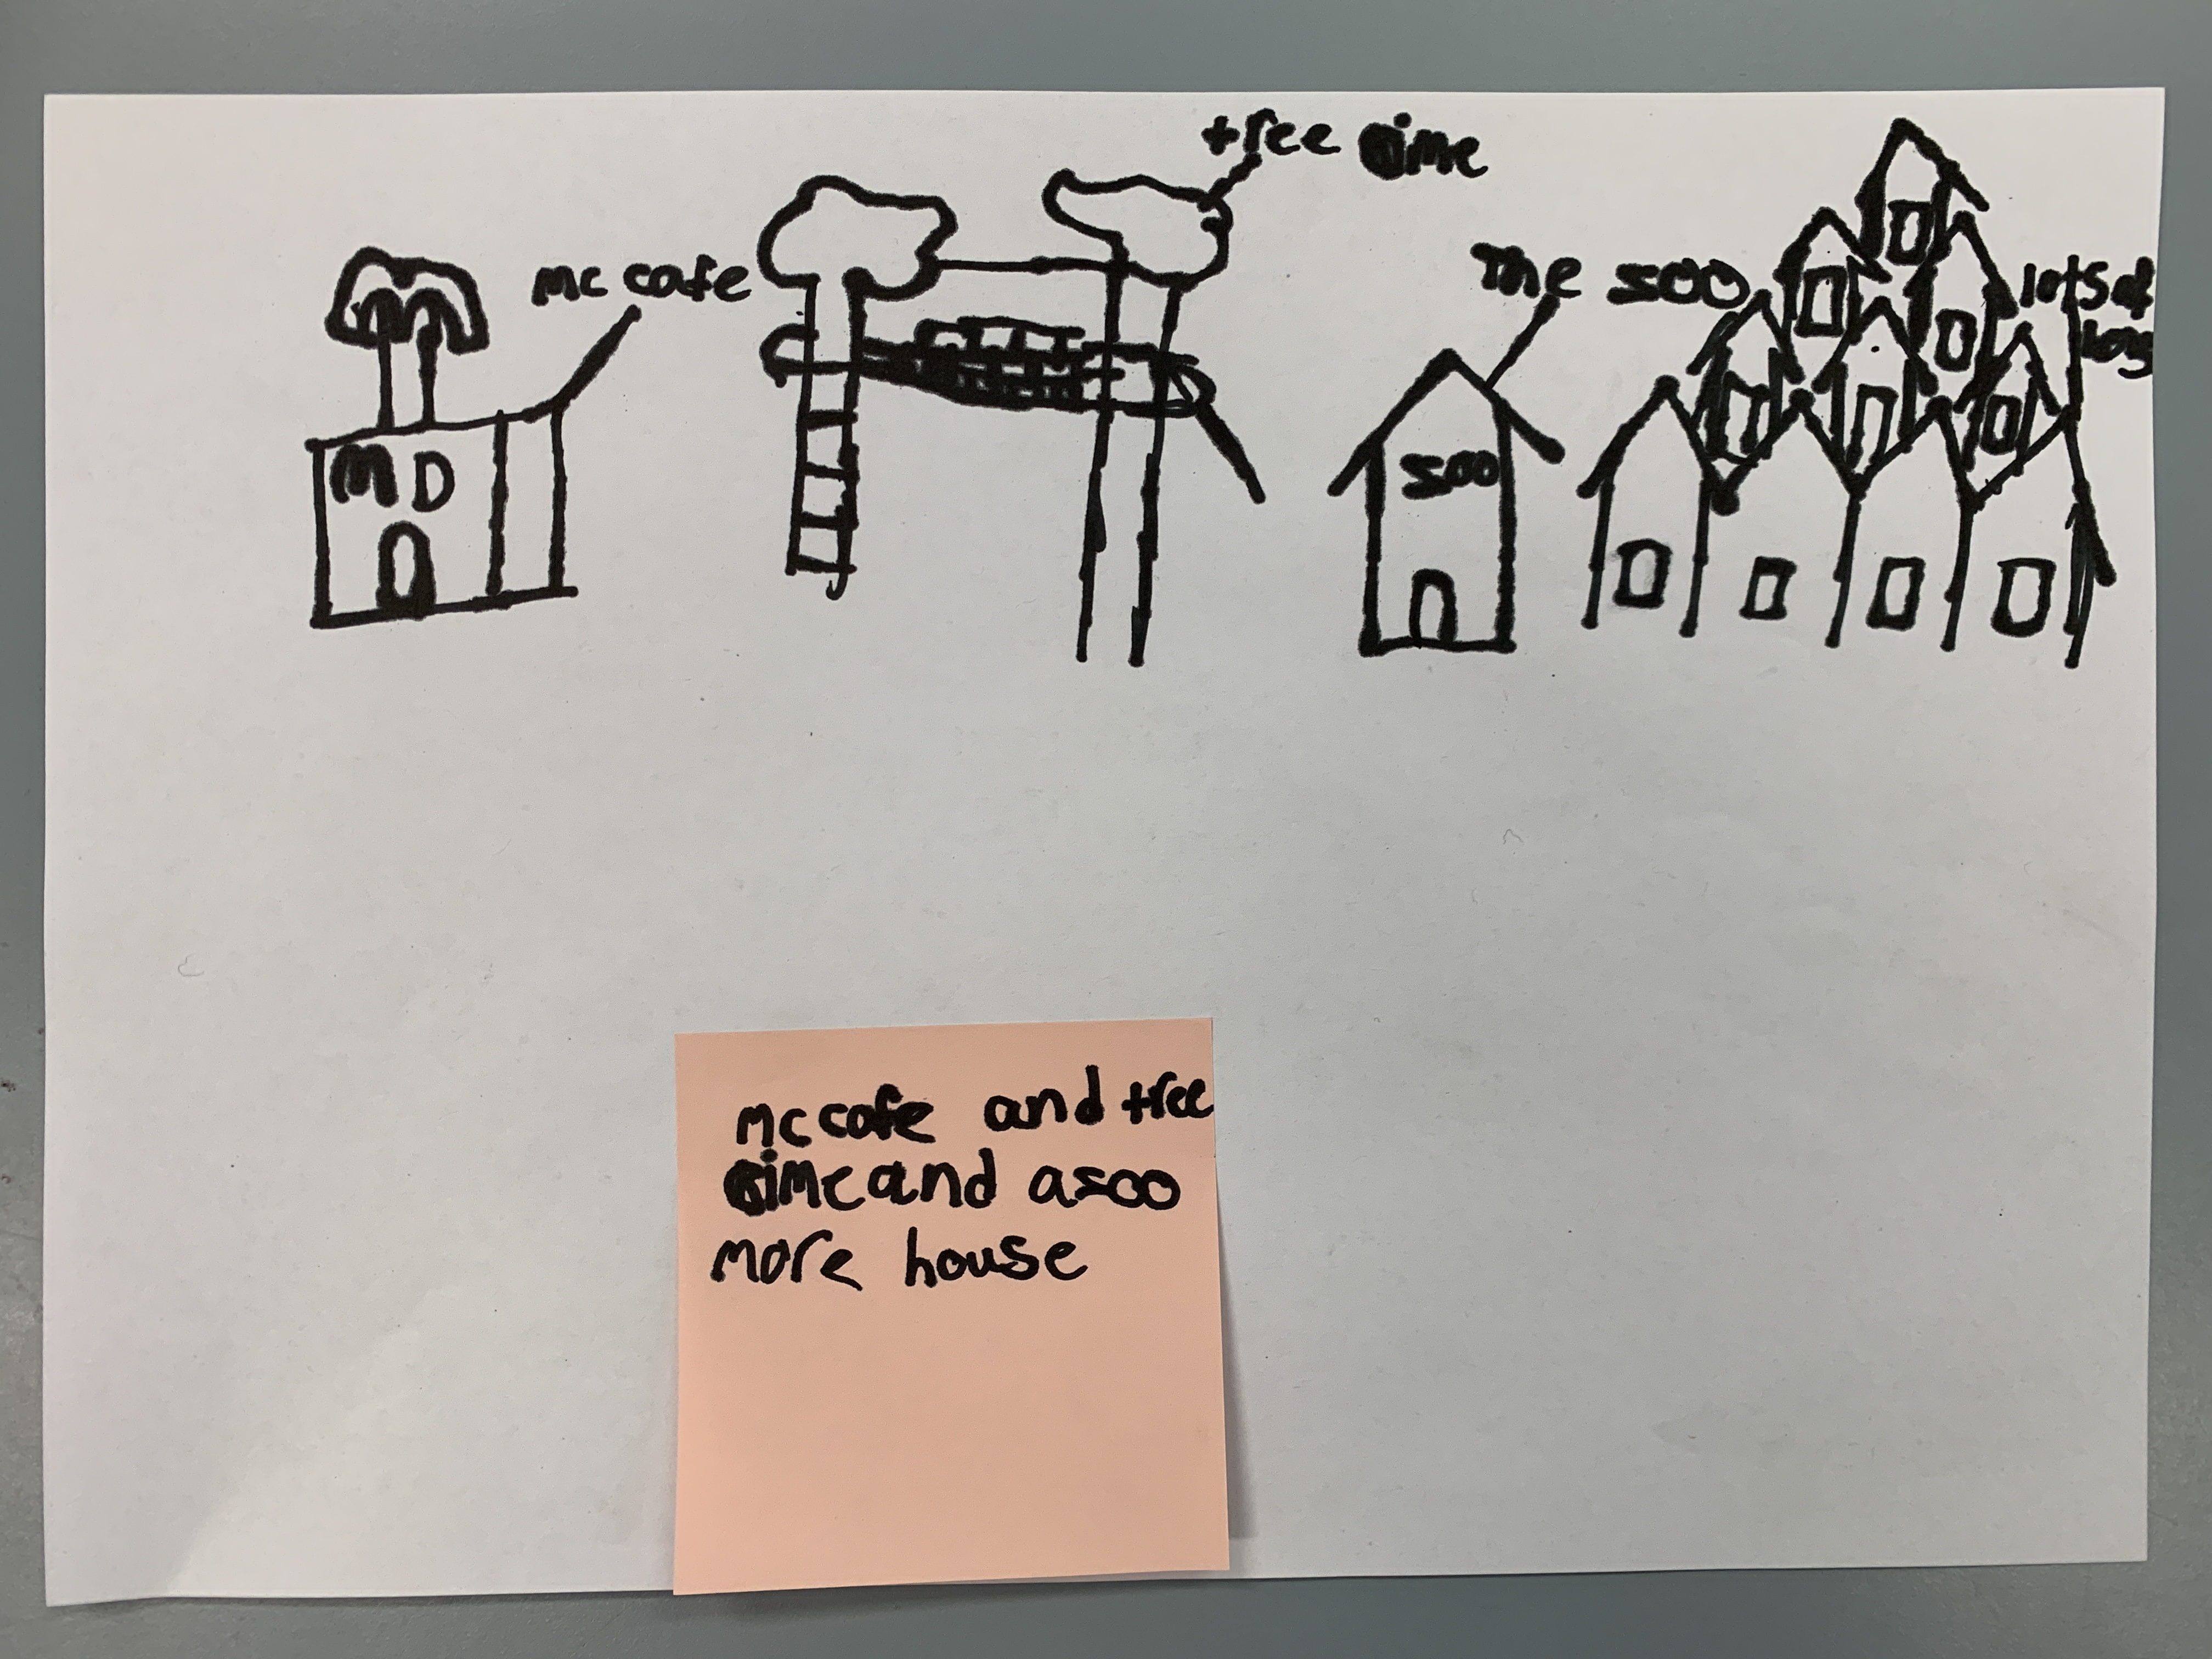 8. treeclimb  mccafe and more houses